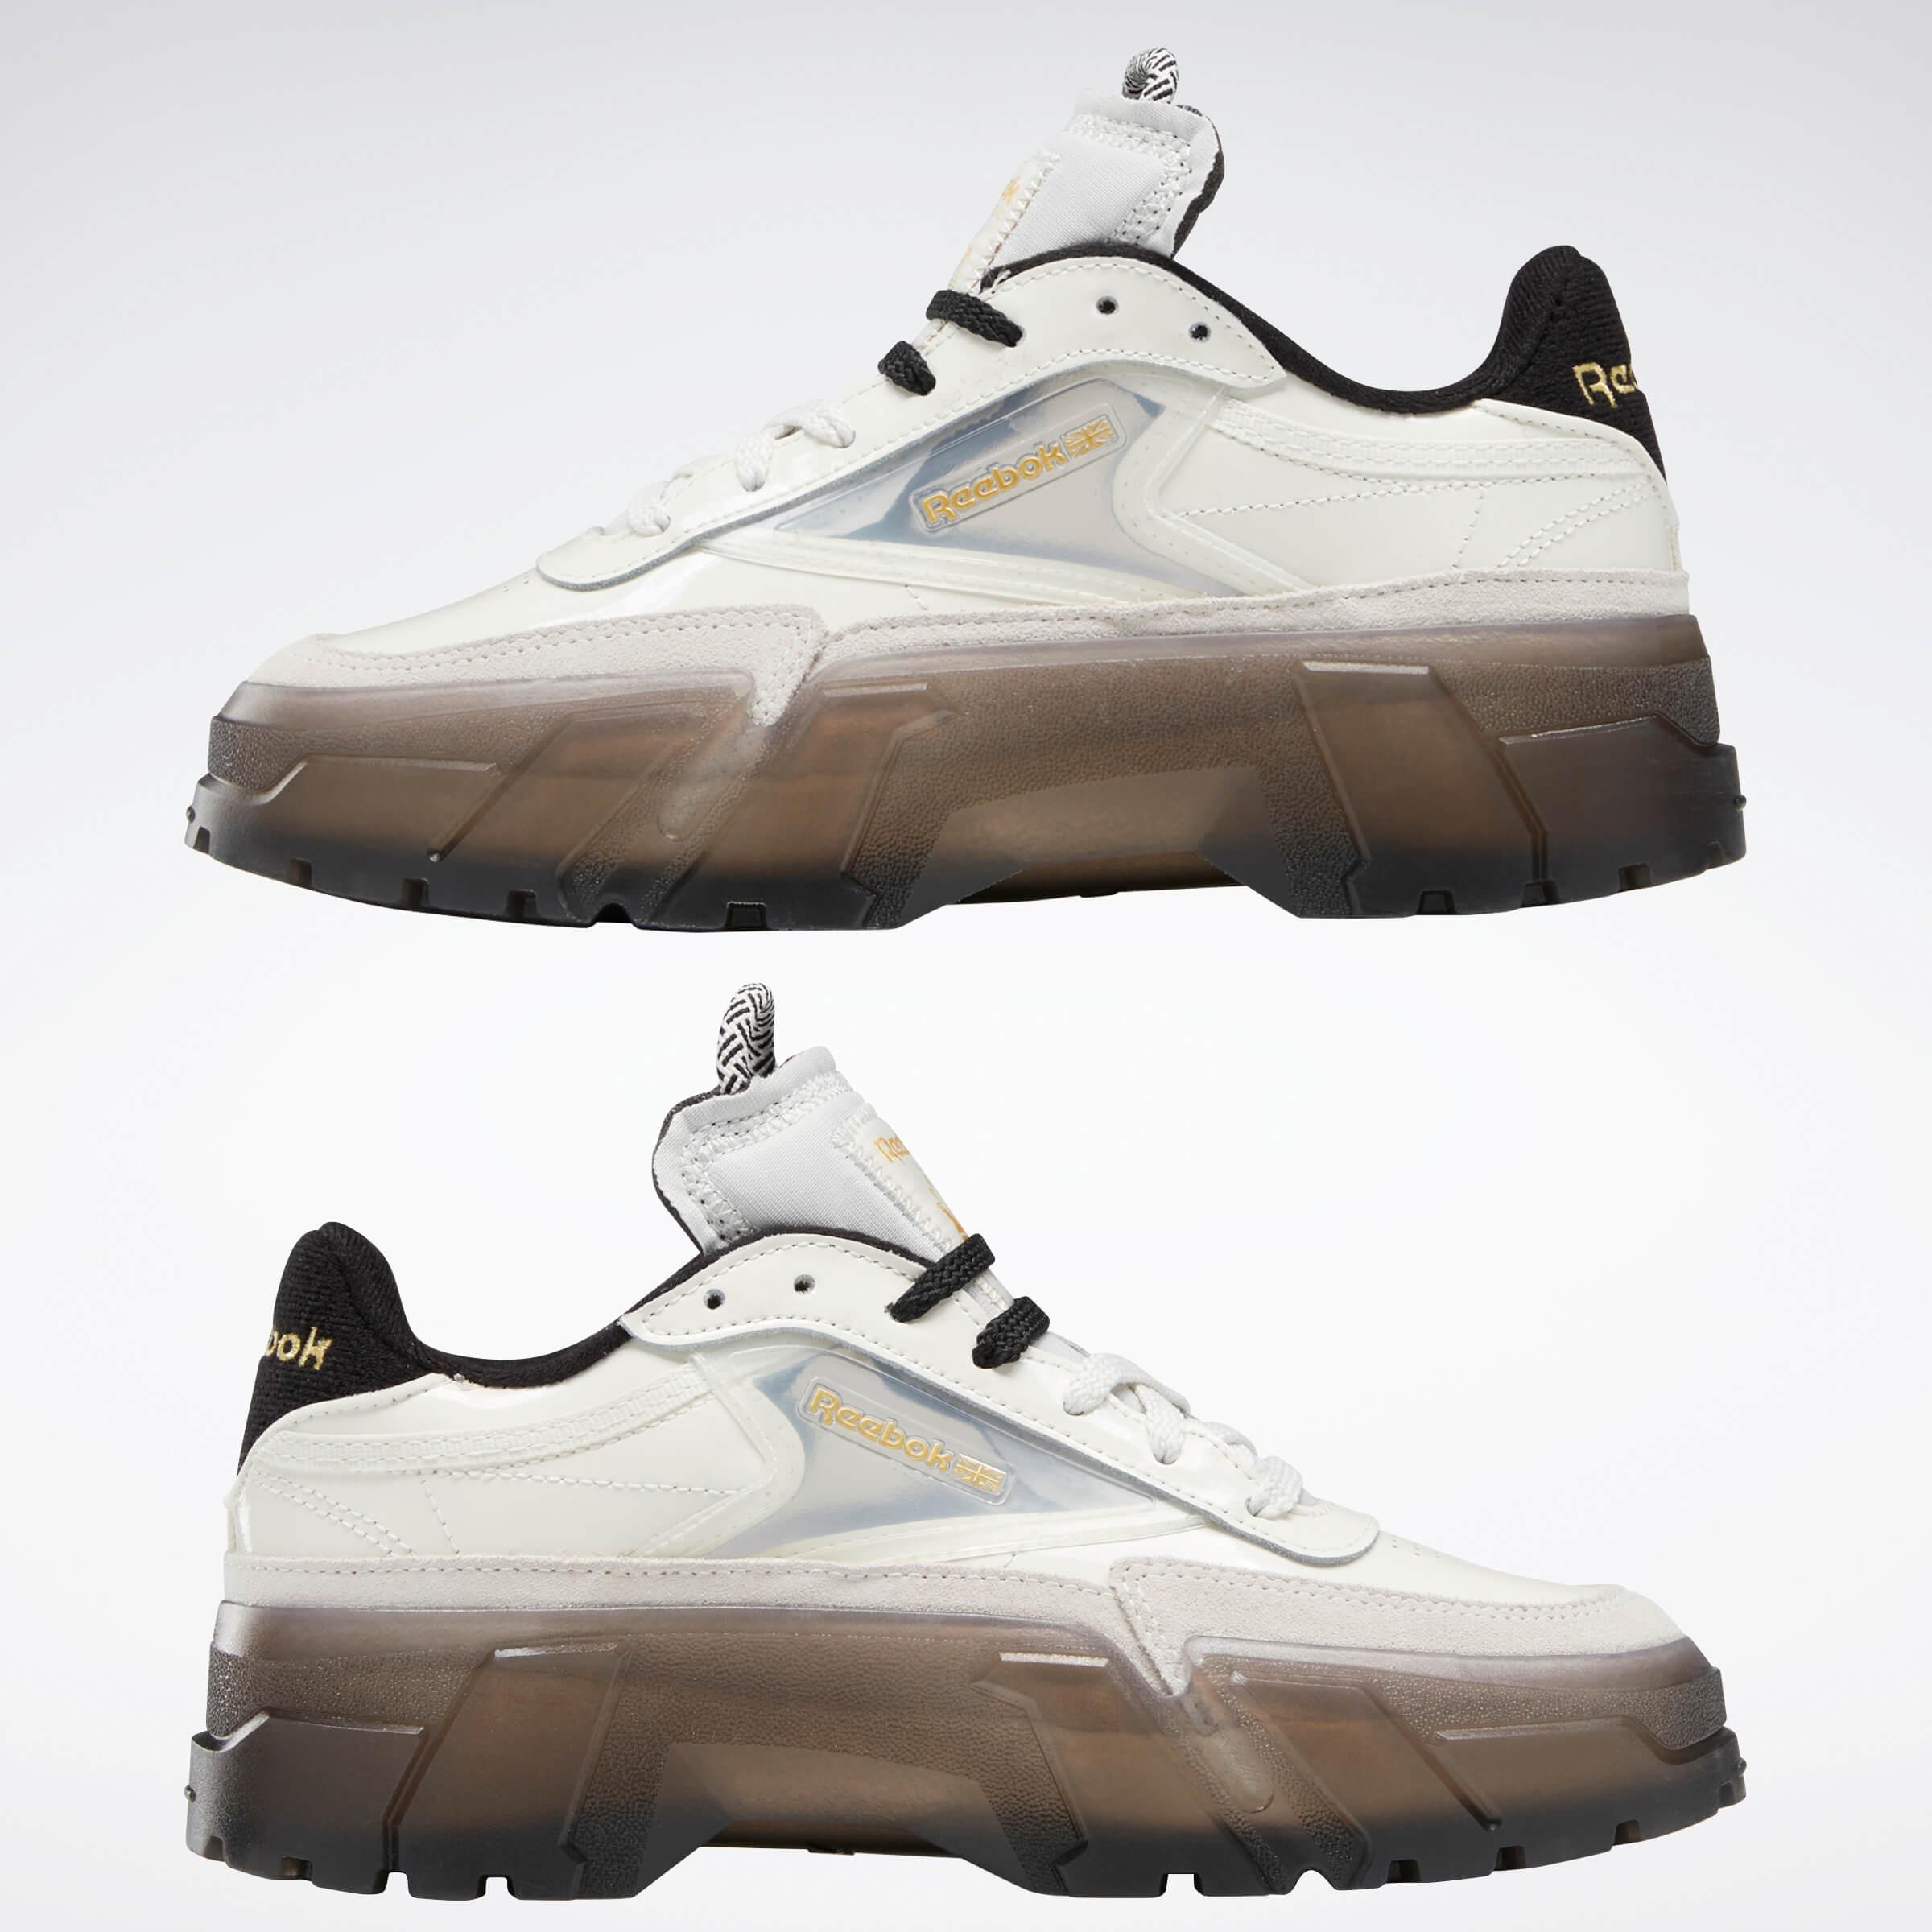 Reebok CLASSIC x Cardi B カーディ・B クラブ シー Cardi B Club C Shoes コラボ product FZ4928 side both